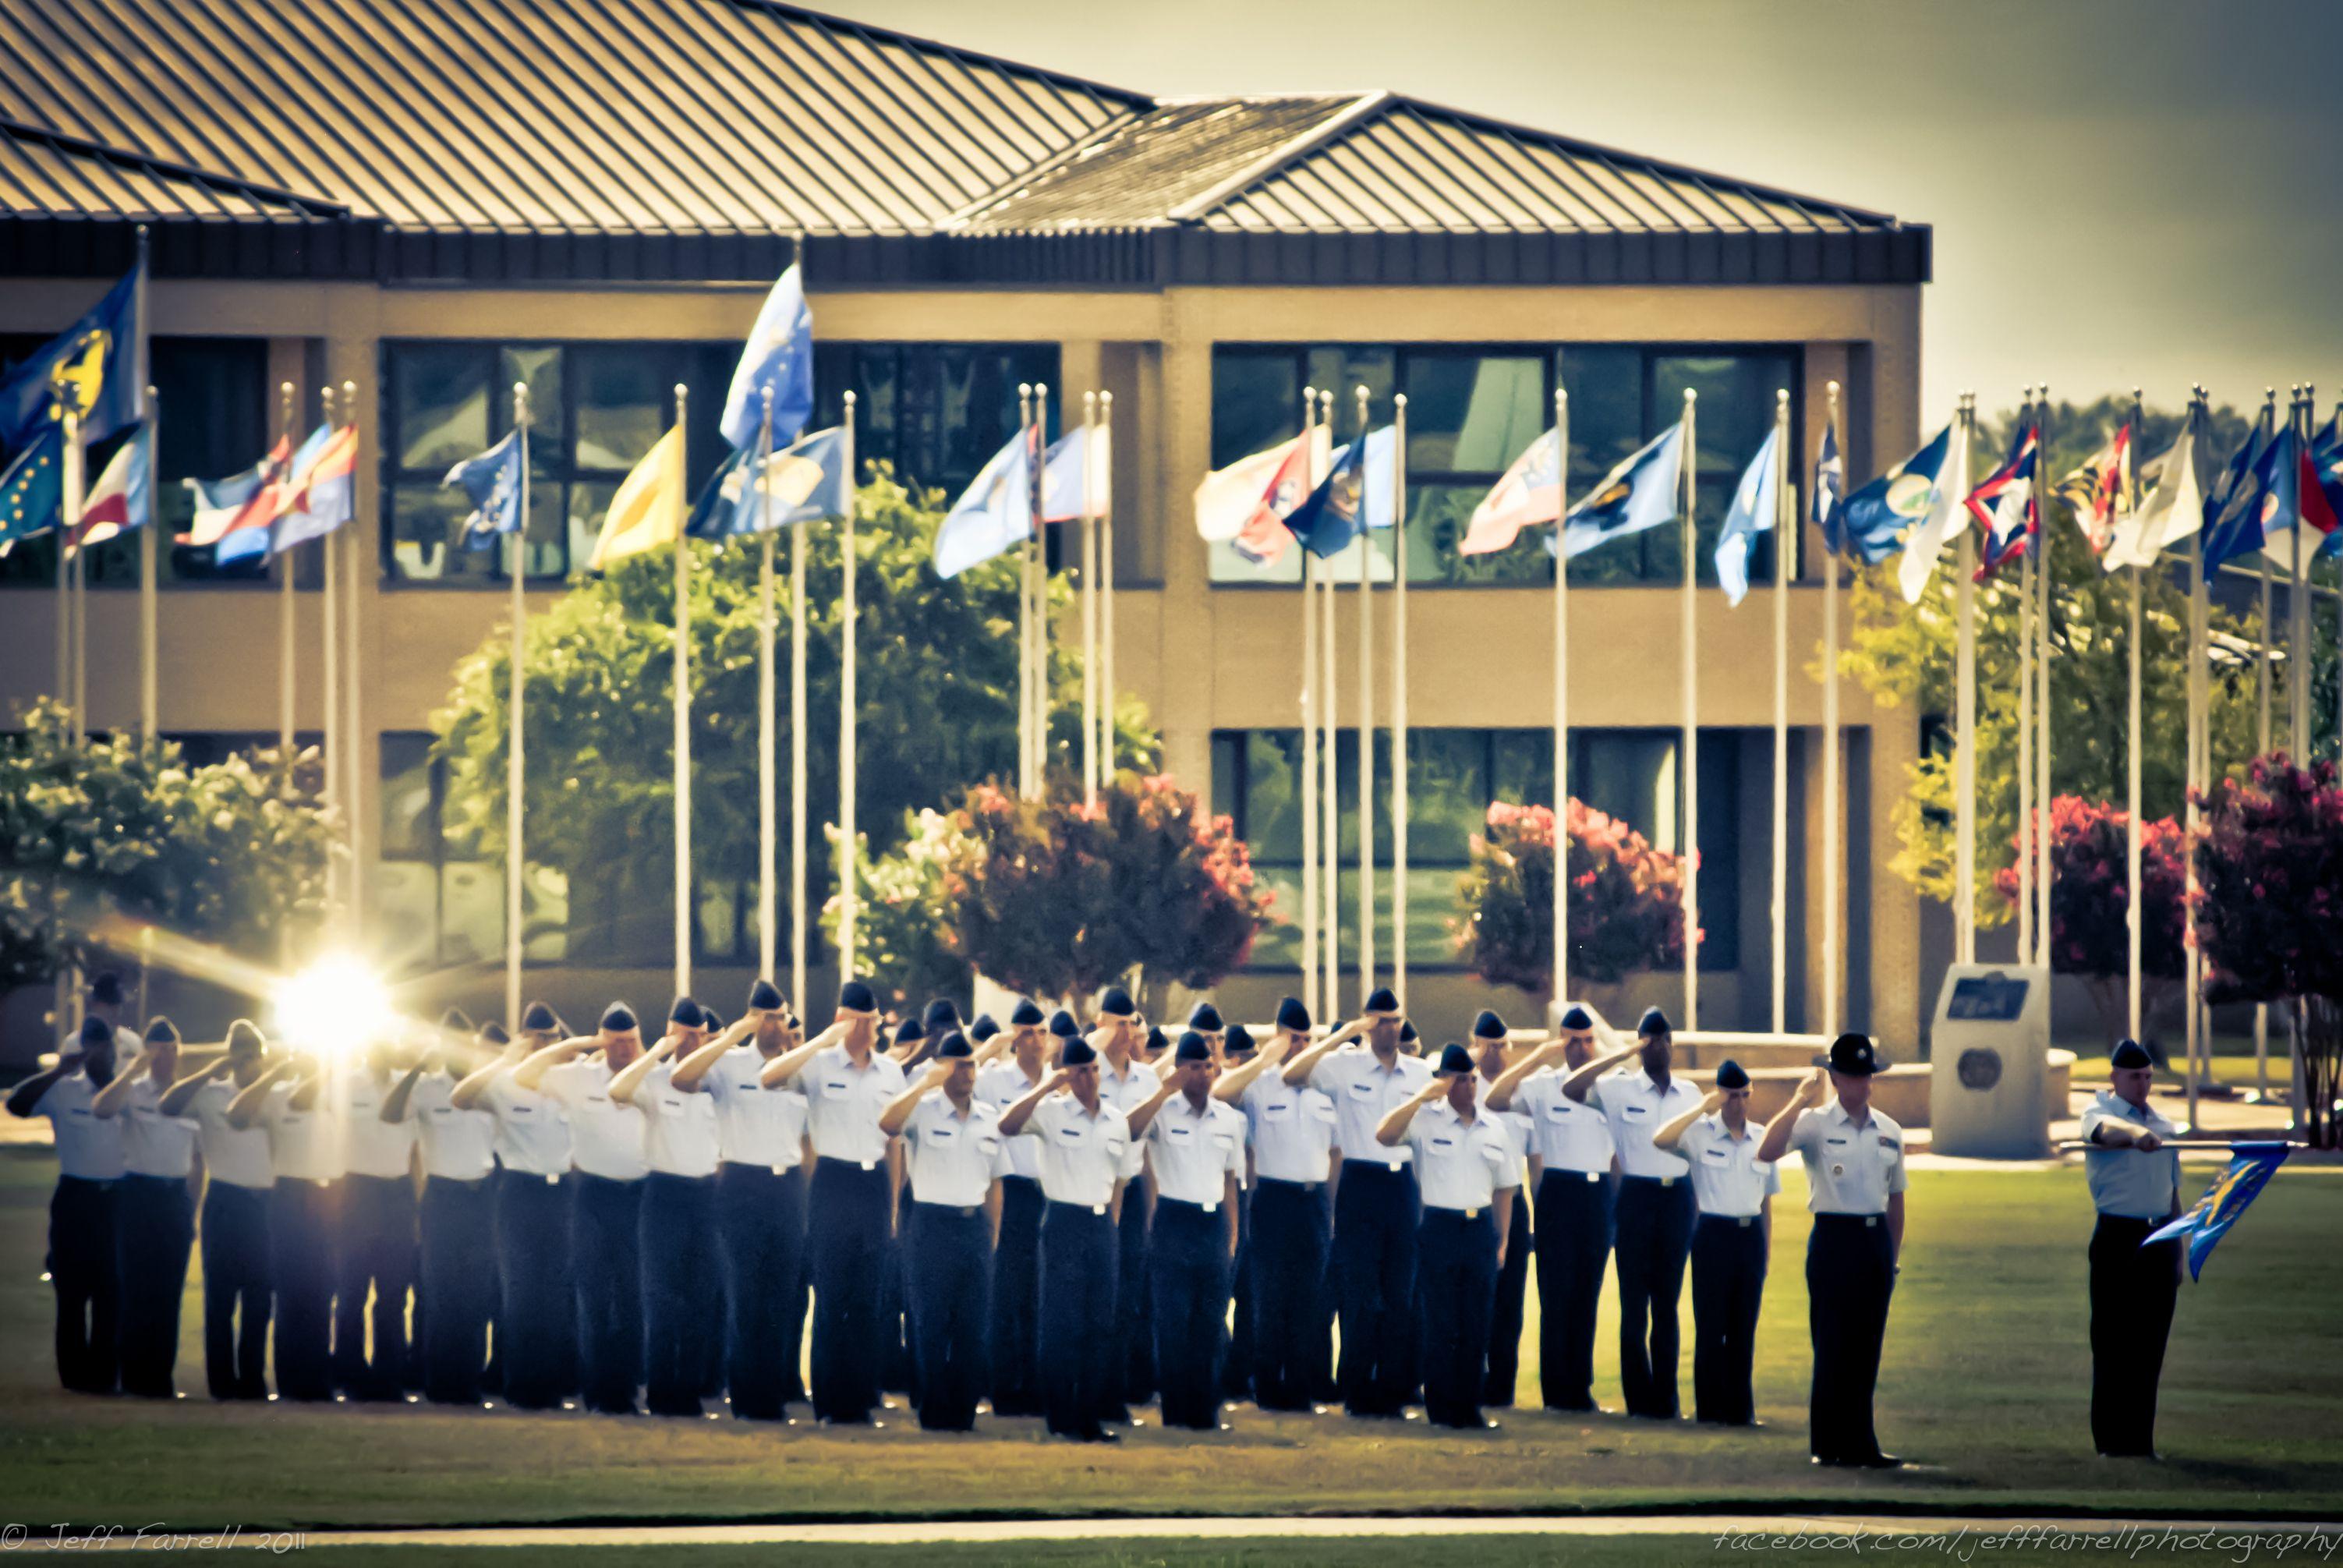 Lackland Air Force Base, Texas Lackland air force base